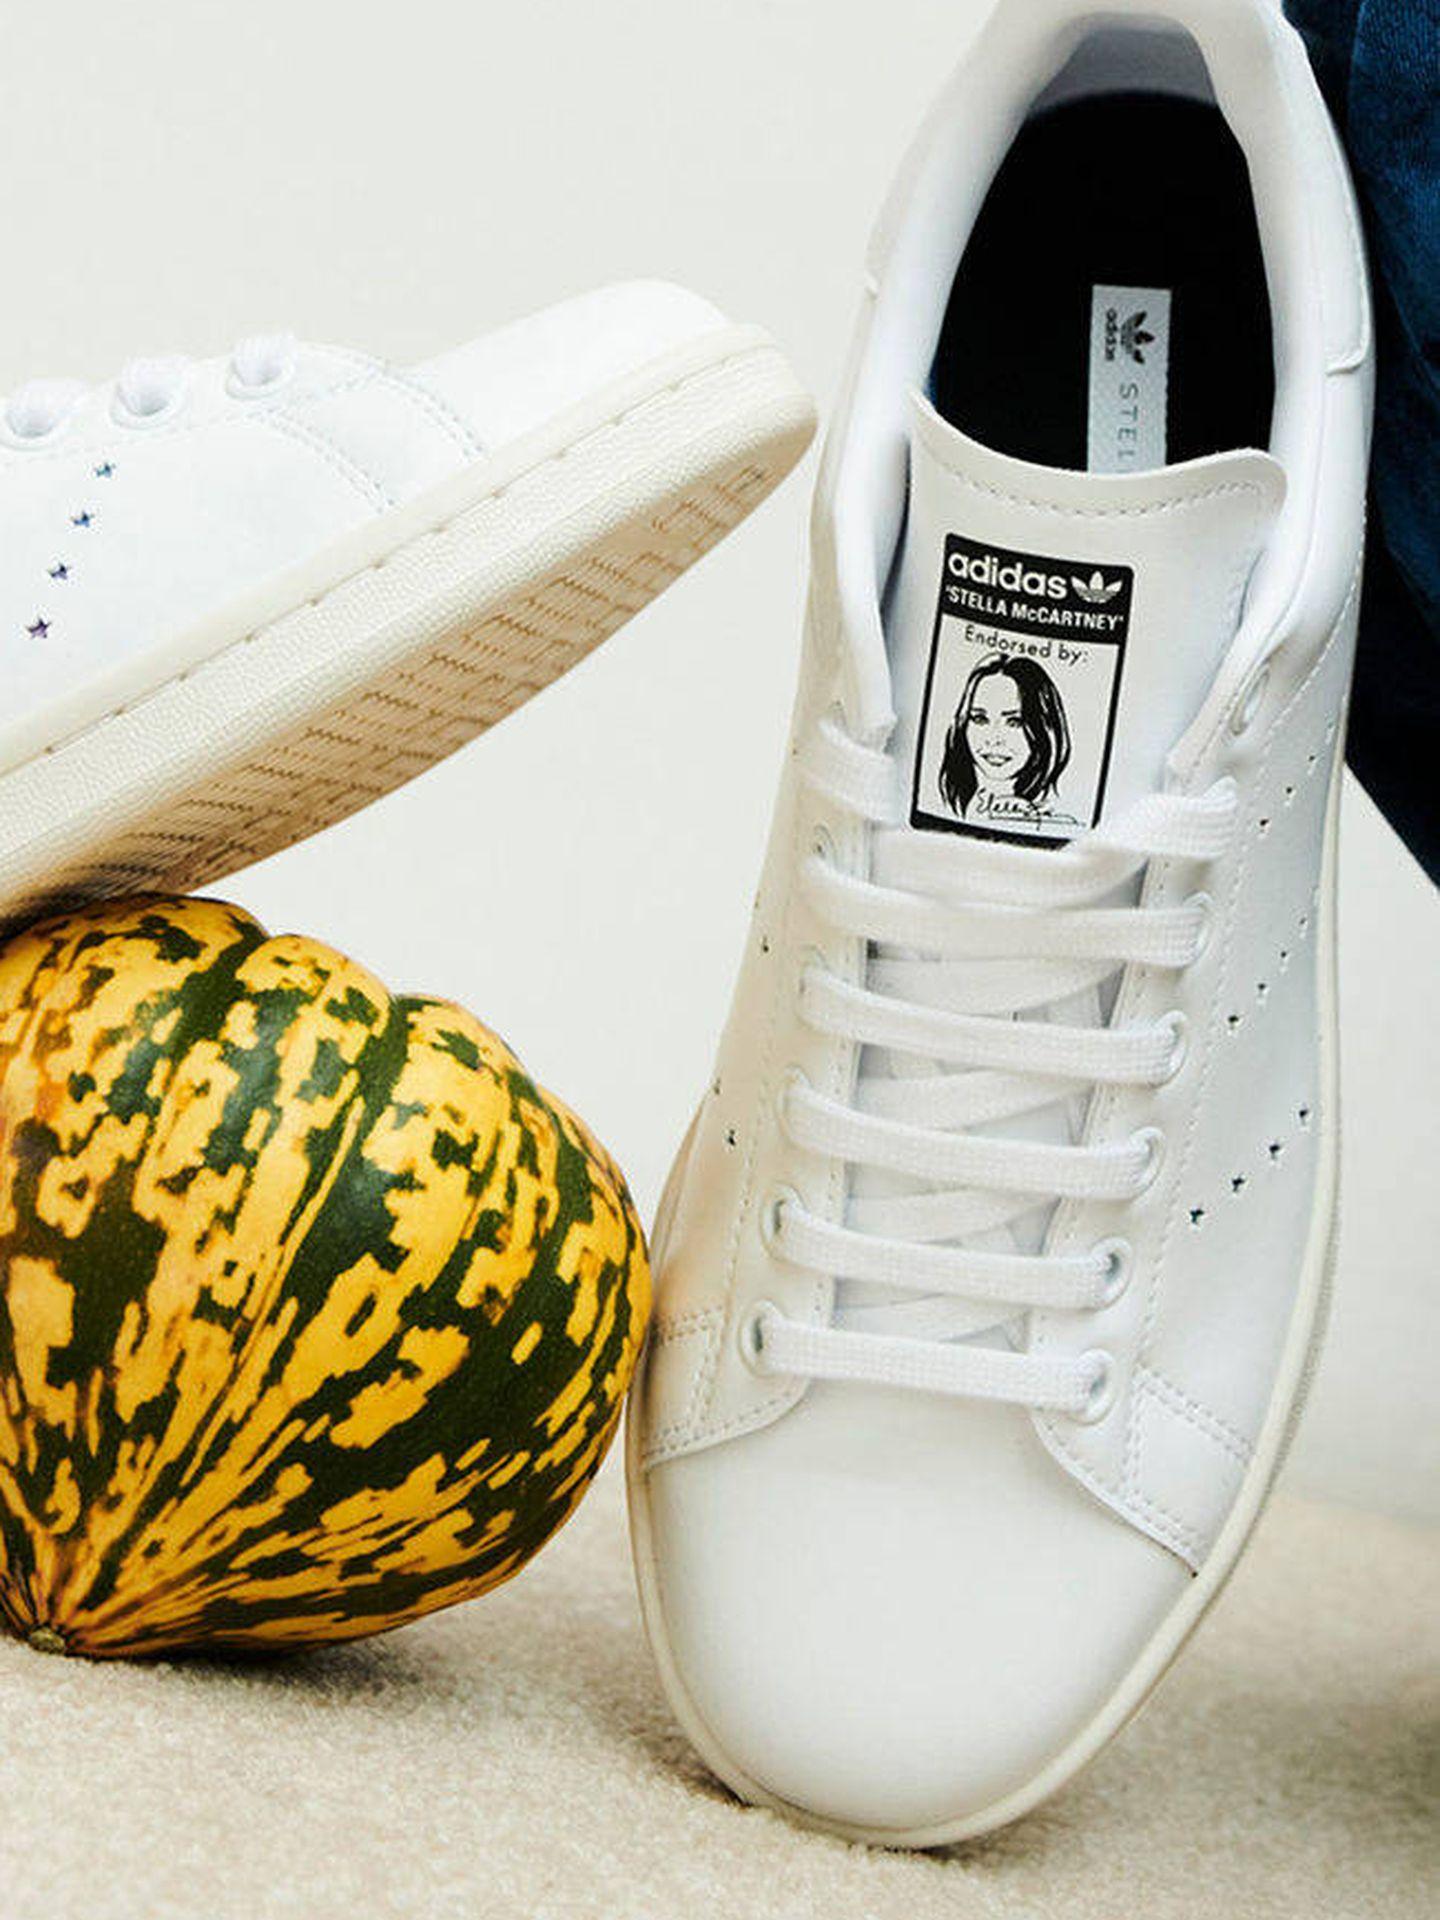 Stella McCartney x Adidas.